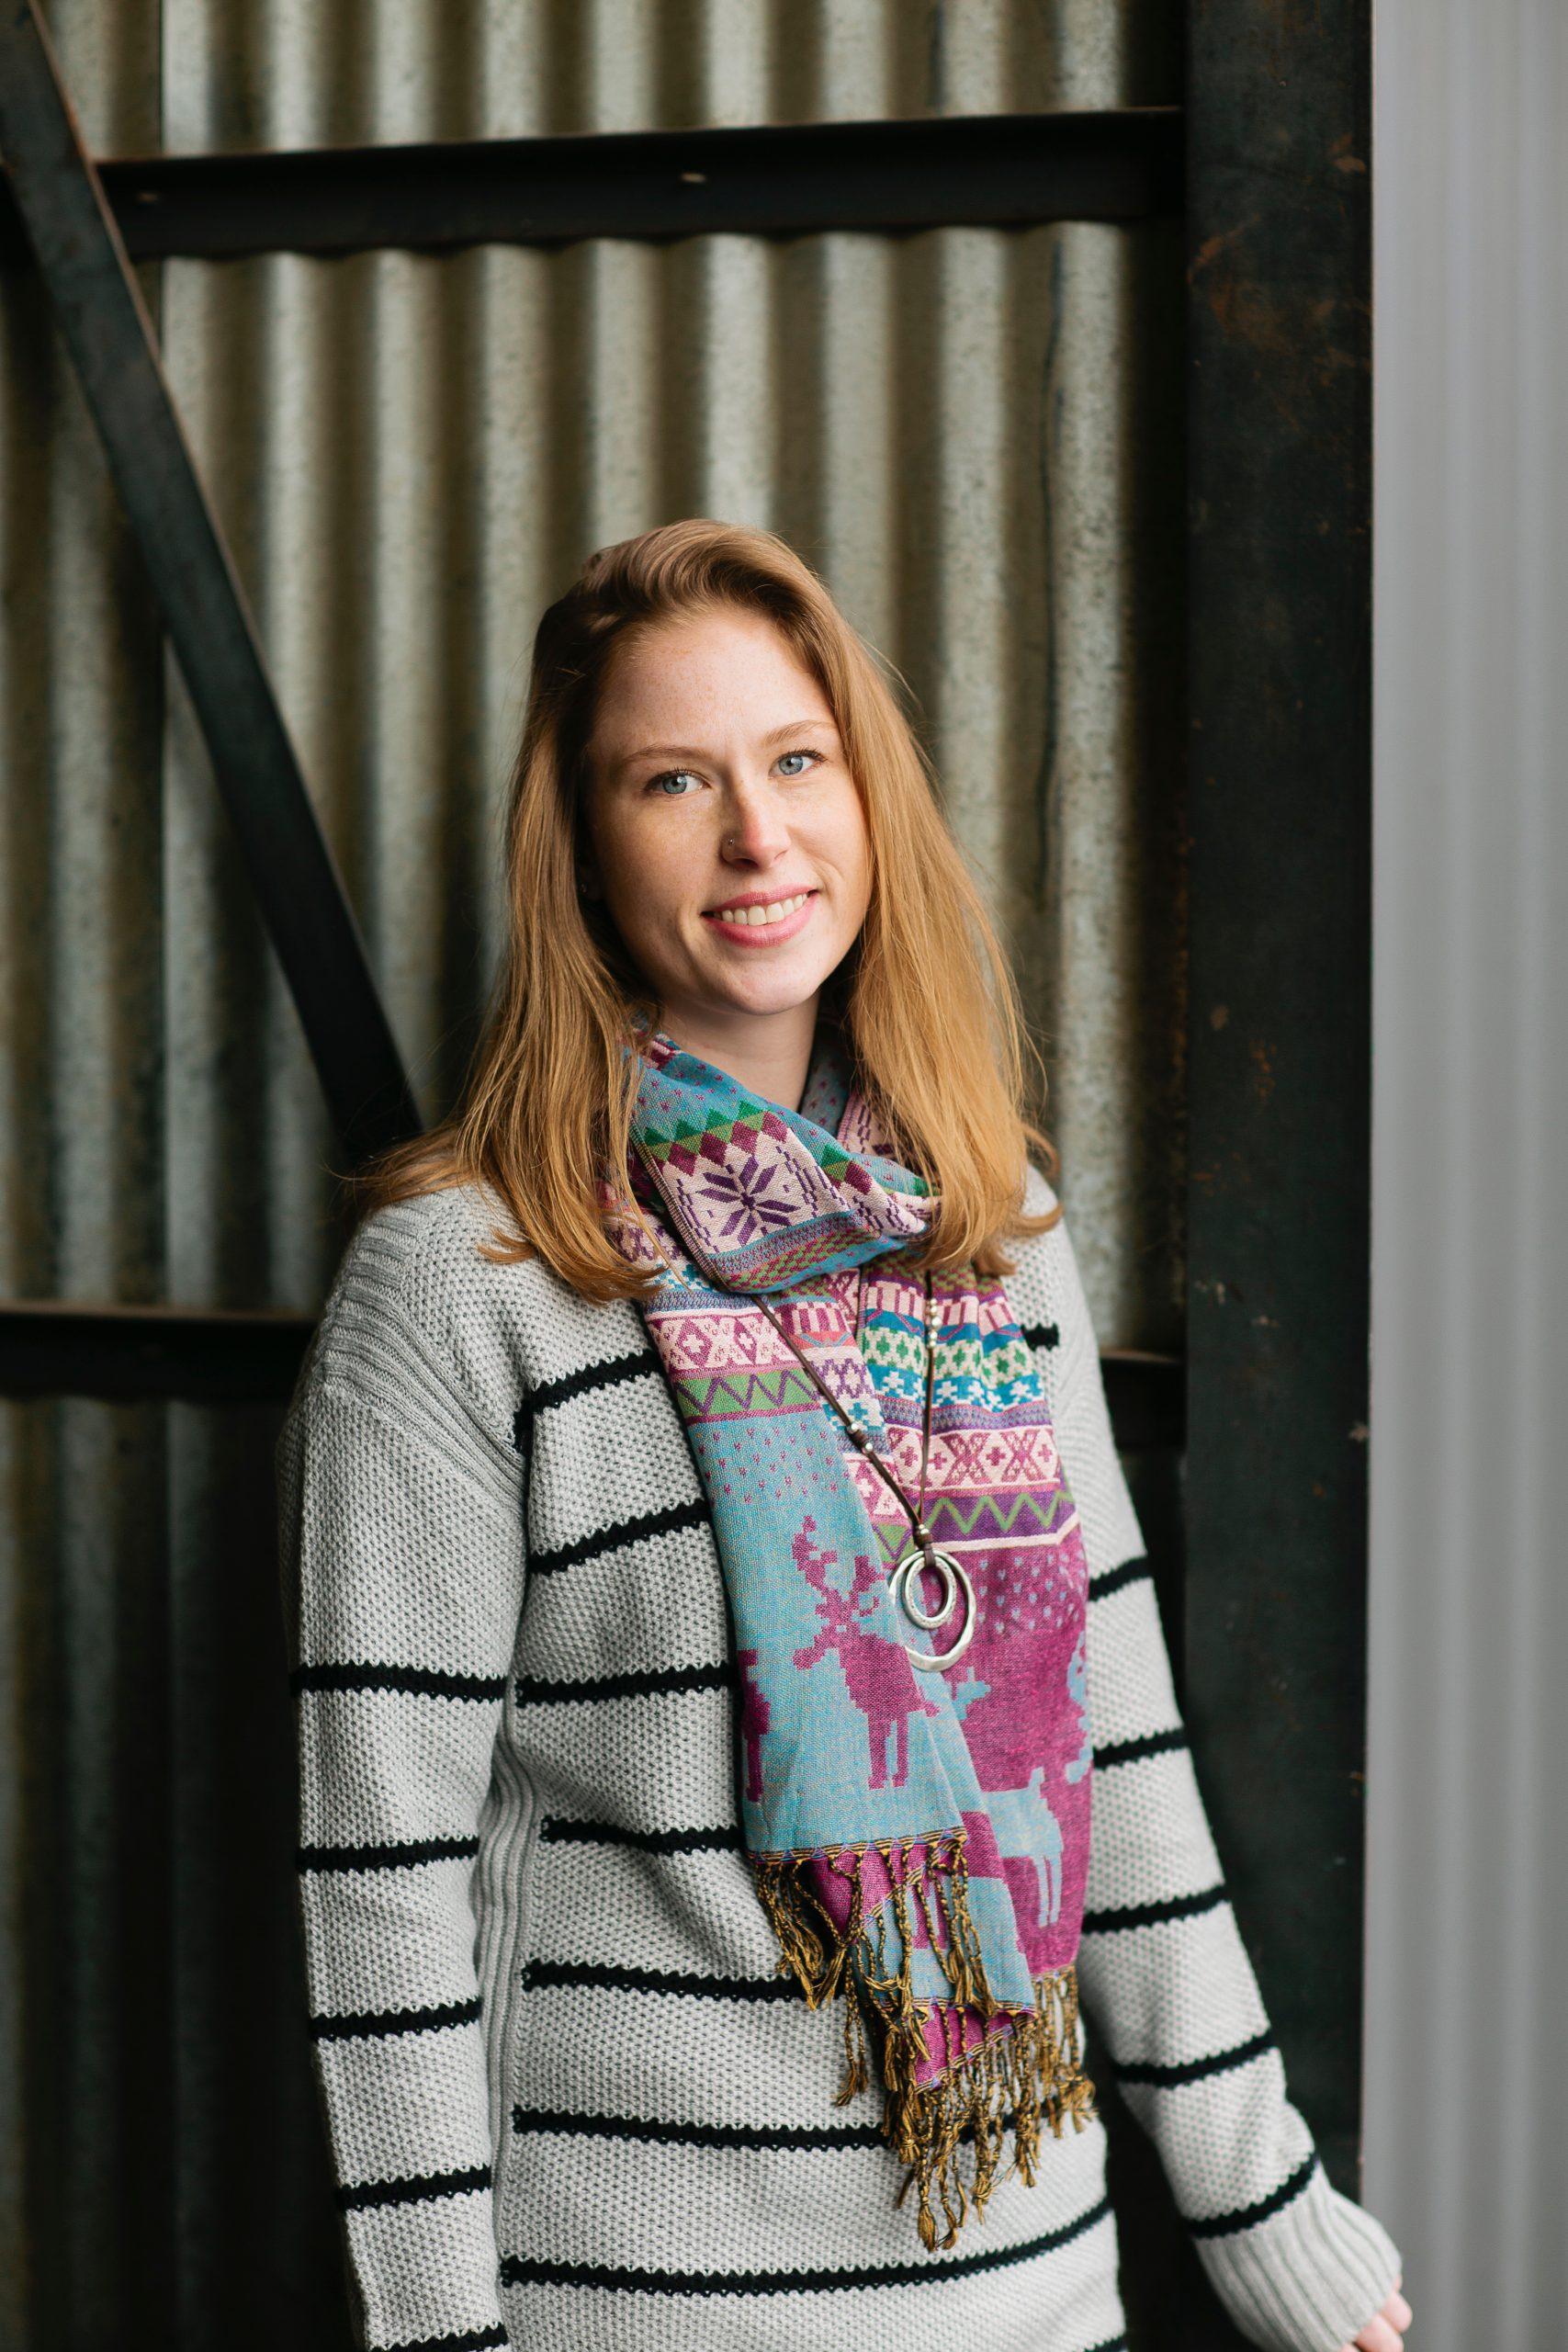 Jessica Crask